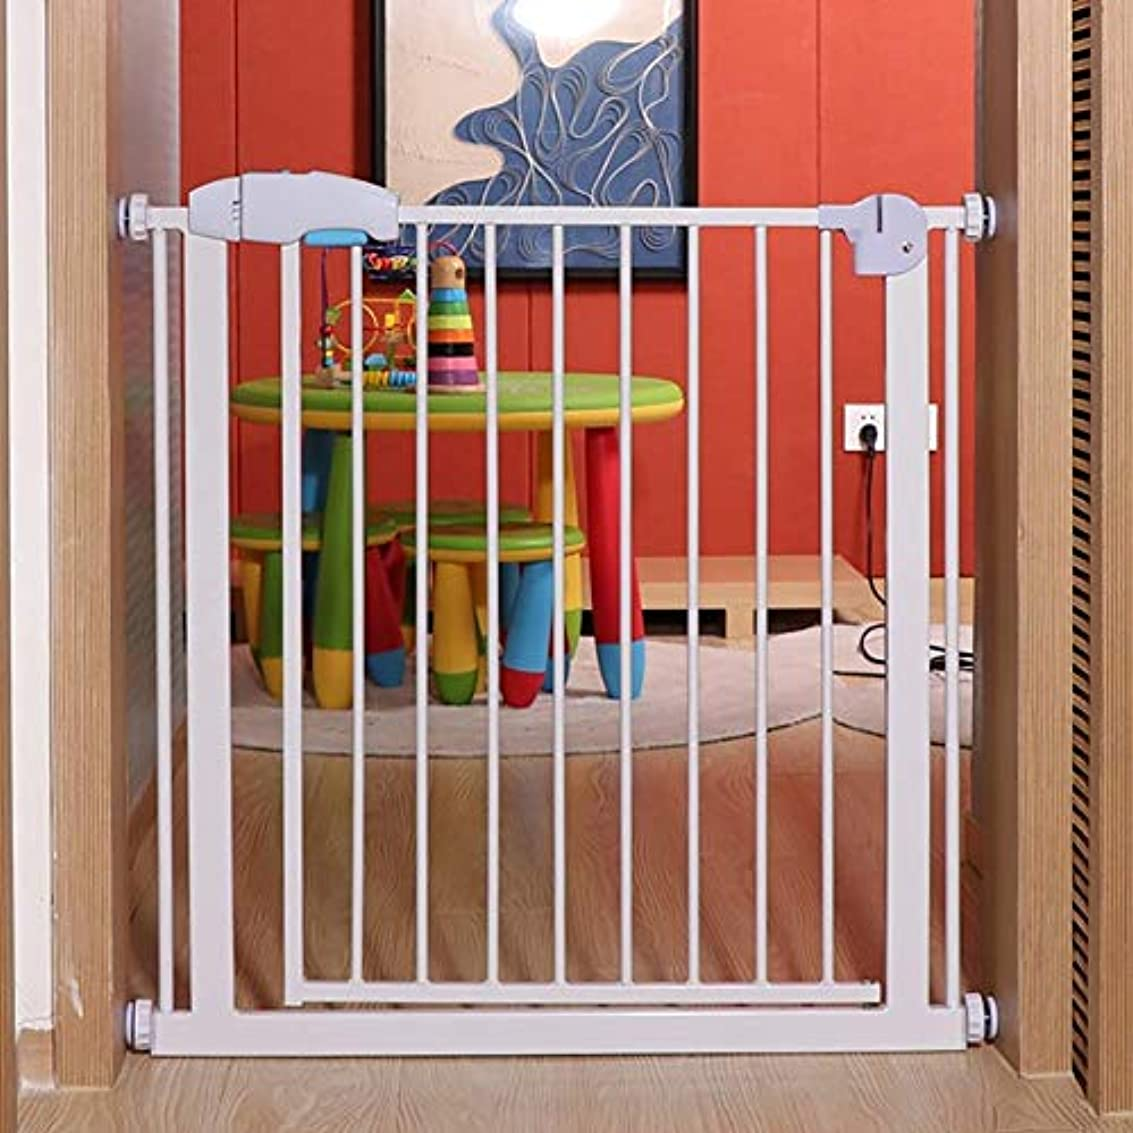 結果神経障害三角ベビーフェンス 階段/ドアのための子供の安全ゲート階段バリアベビーペットゲート拡張可能 ペットゲート